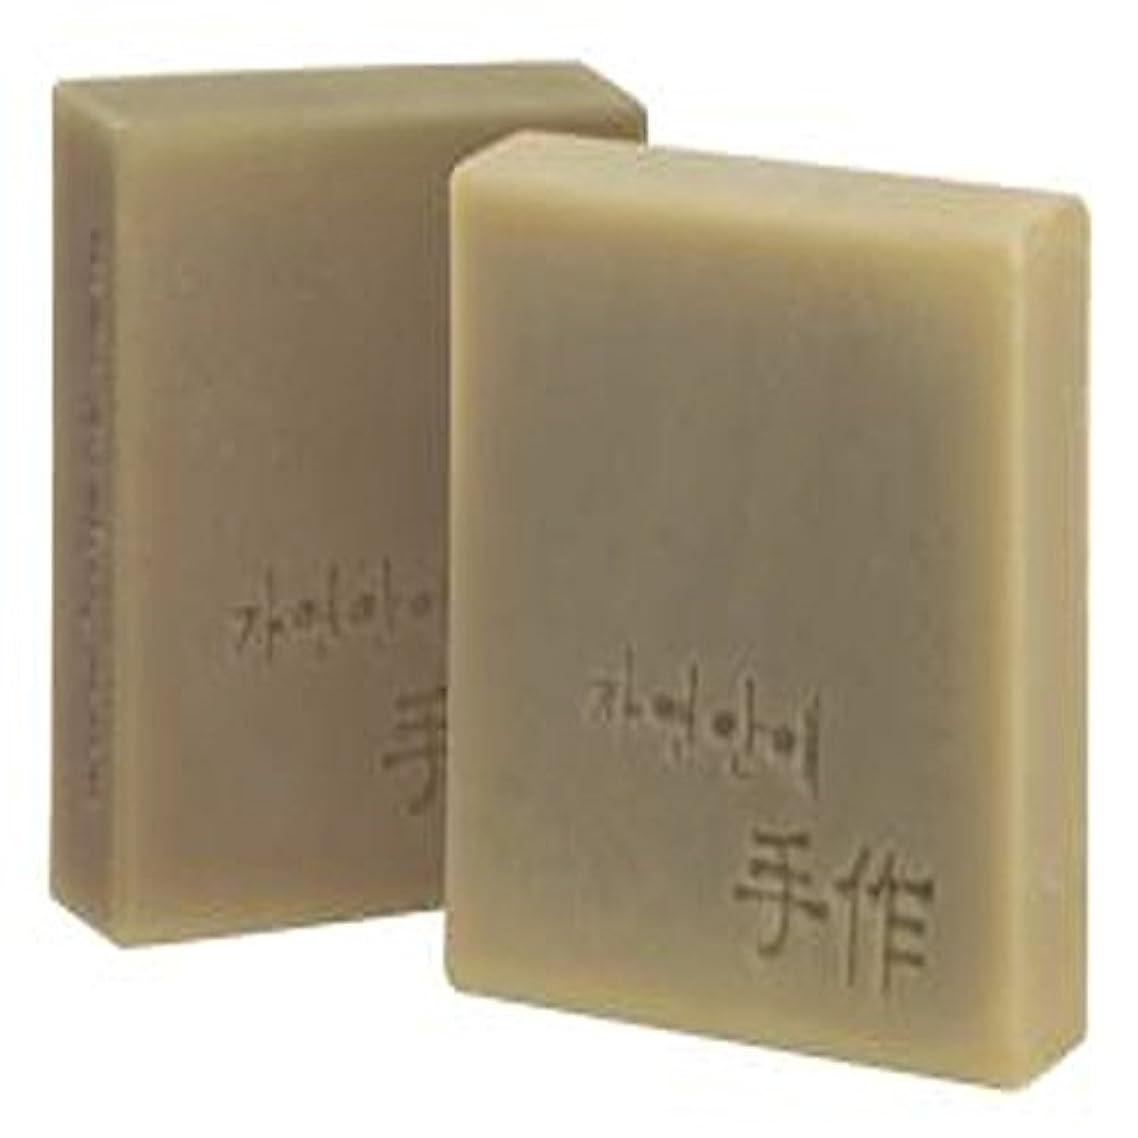 無数の前に何でもNatural organic 有機天然ソープ 固形 無添加 洗顔せっけんクレンジング 石鹸 [並行輸入品] (清州)